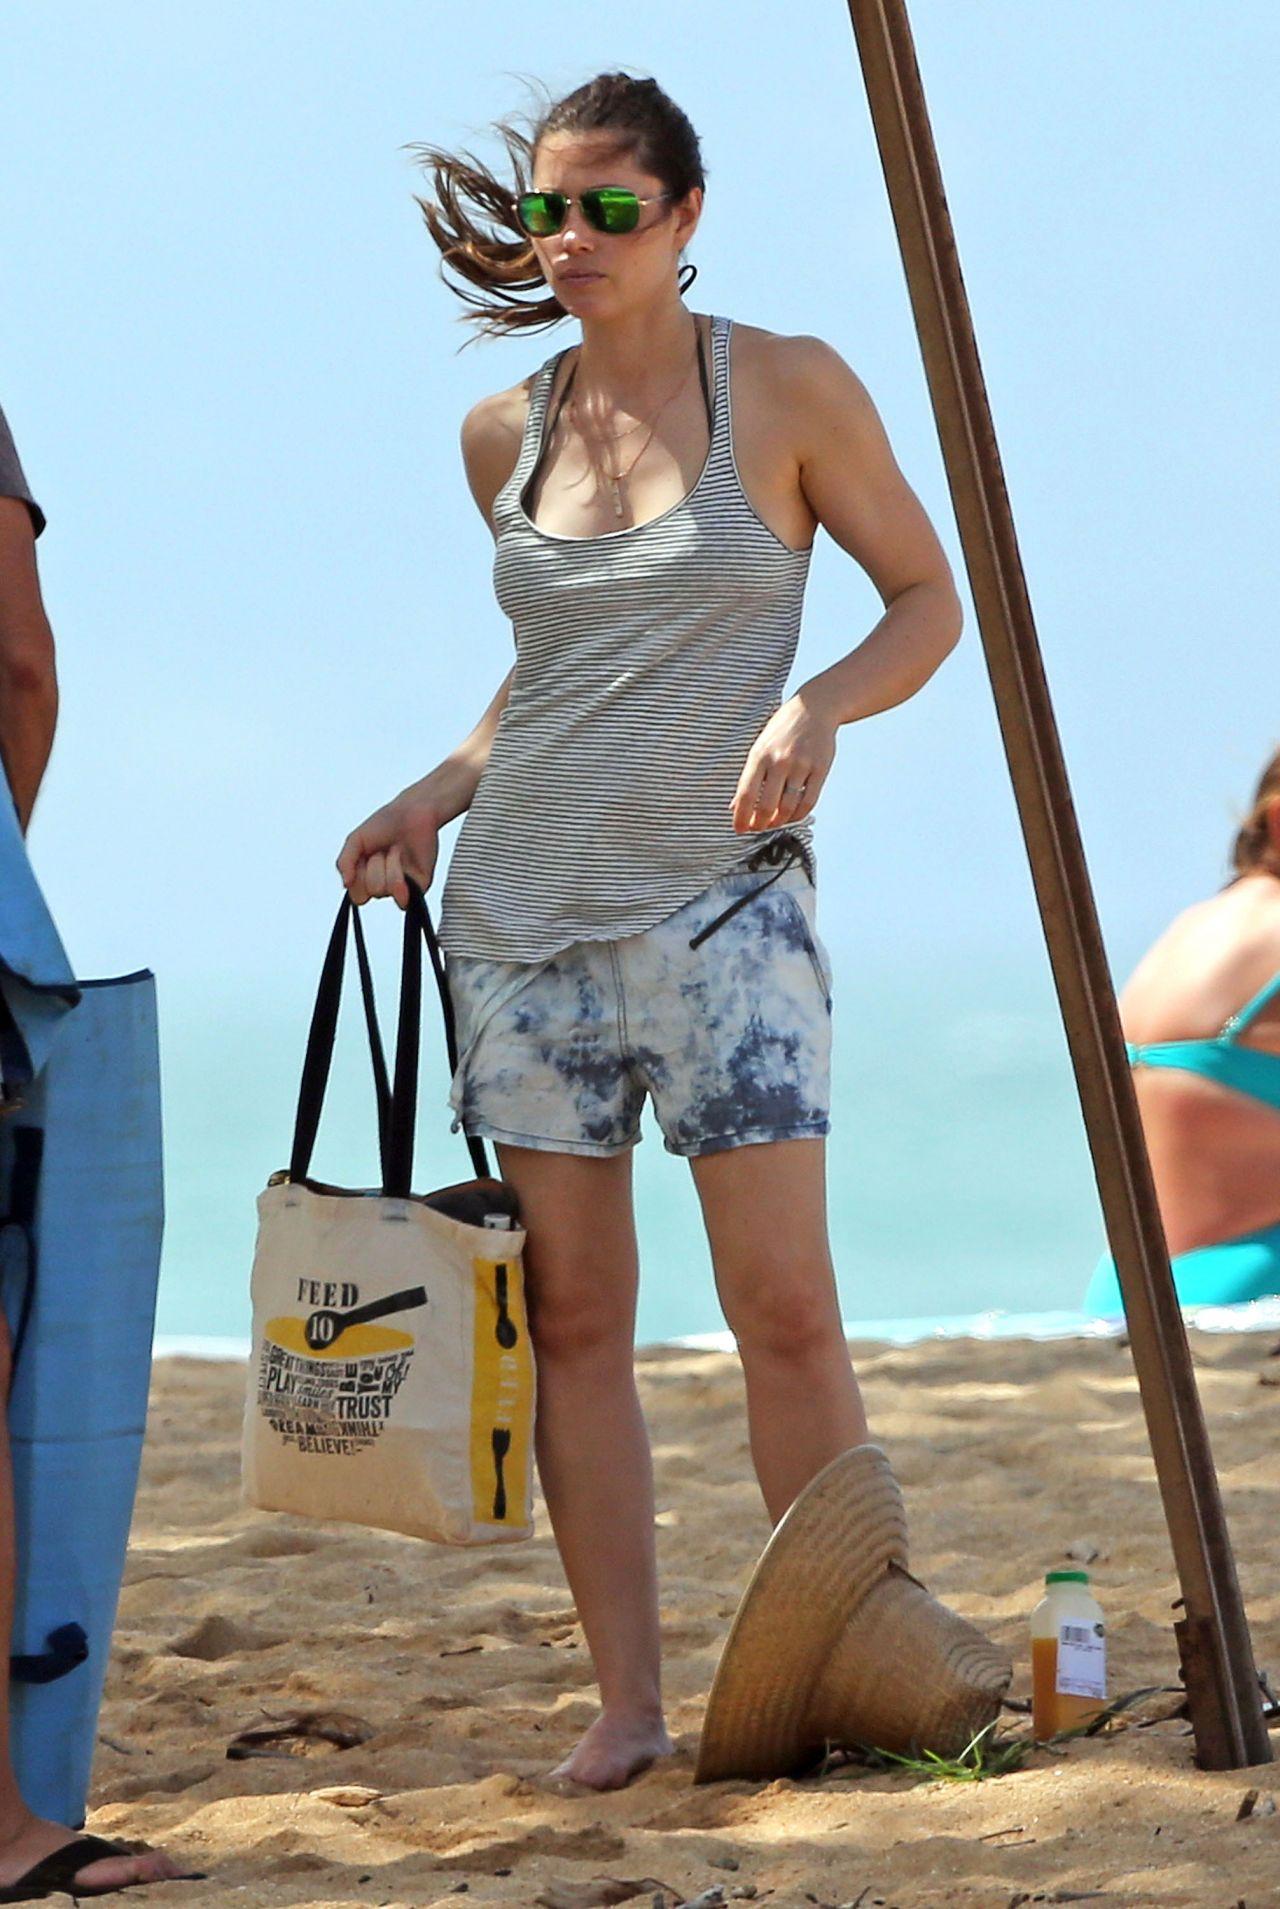 Jessica Biel in a Bikini on a Beach in Maui - September 2014 • CelebMafia